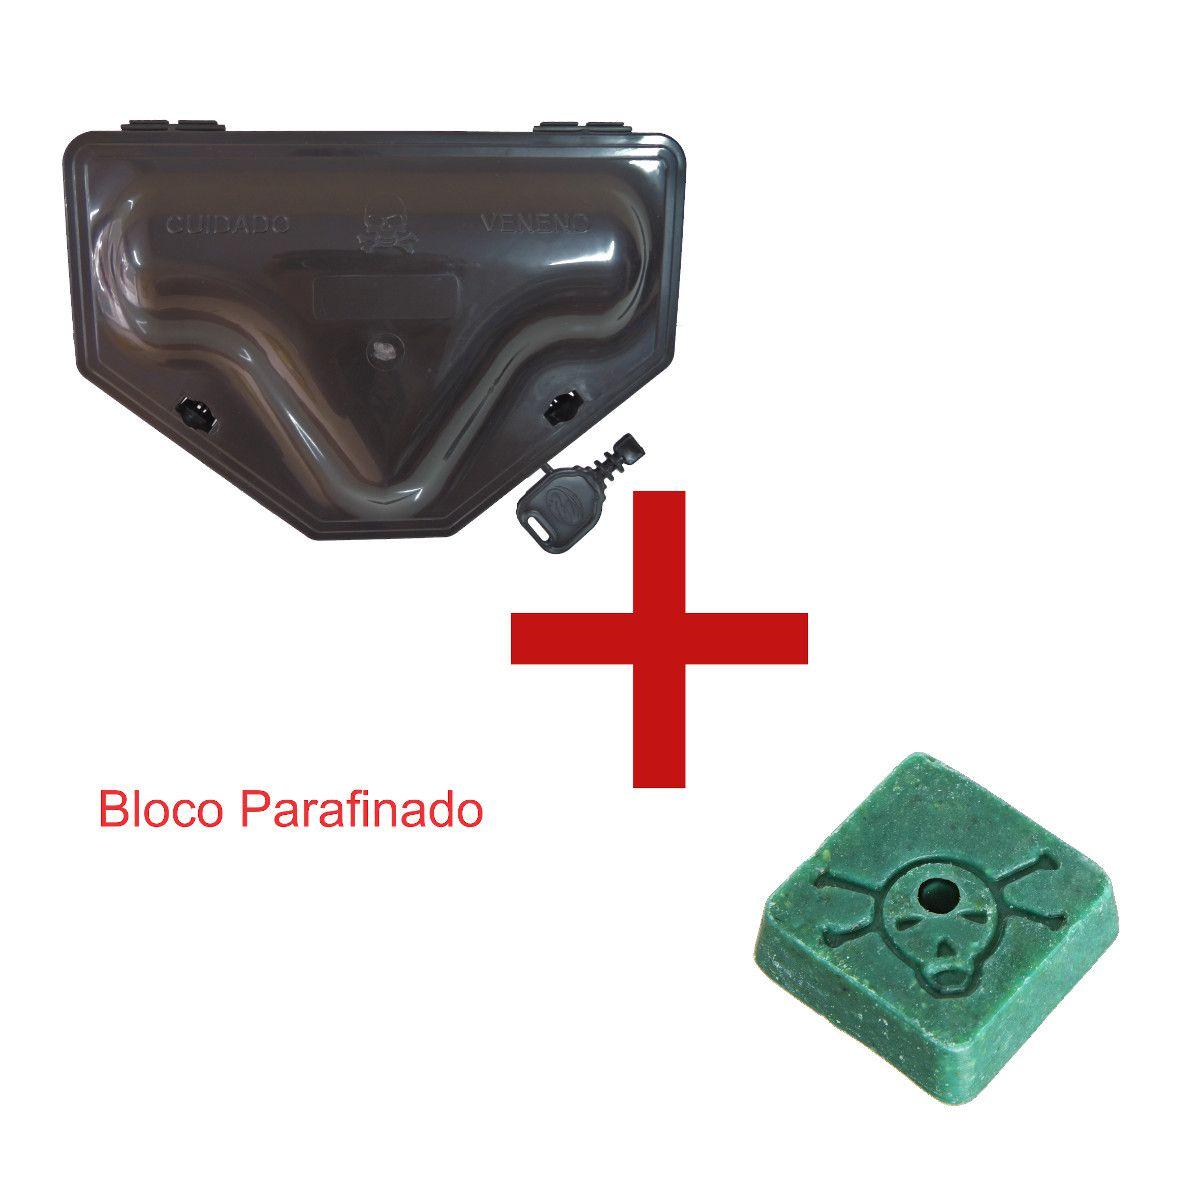 46 Porta Iscas C/ Duplo Travamento + 46 Bloco Parafinado